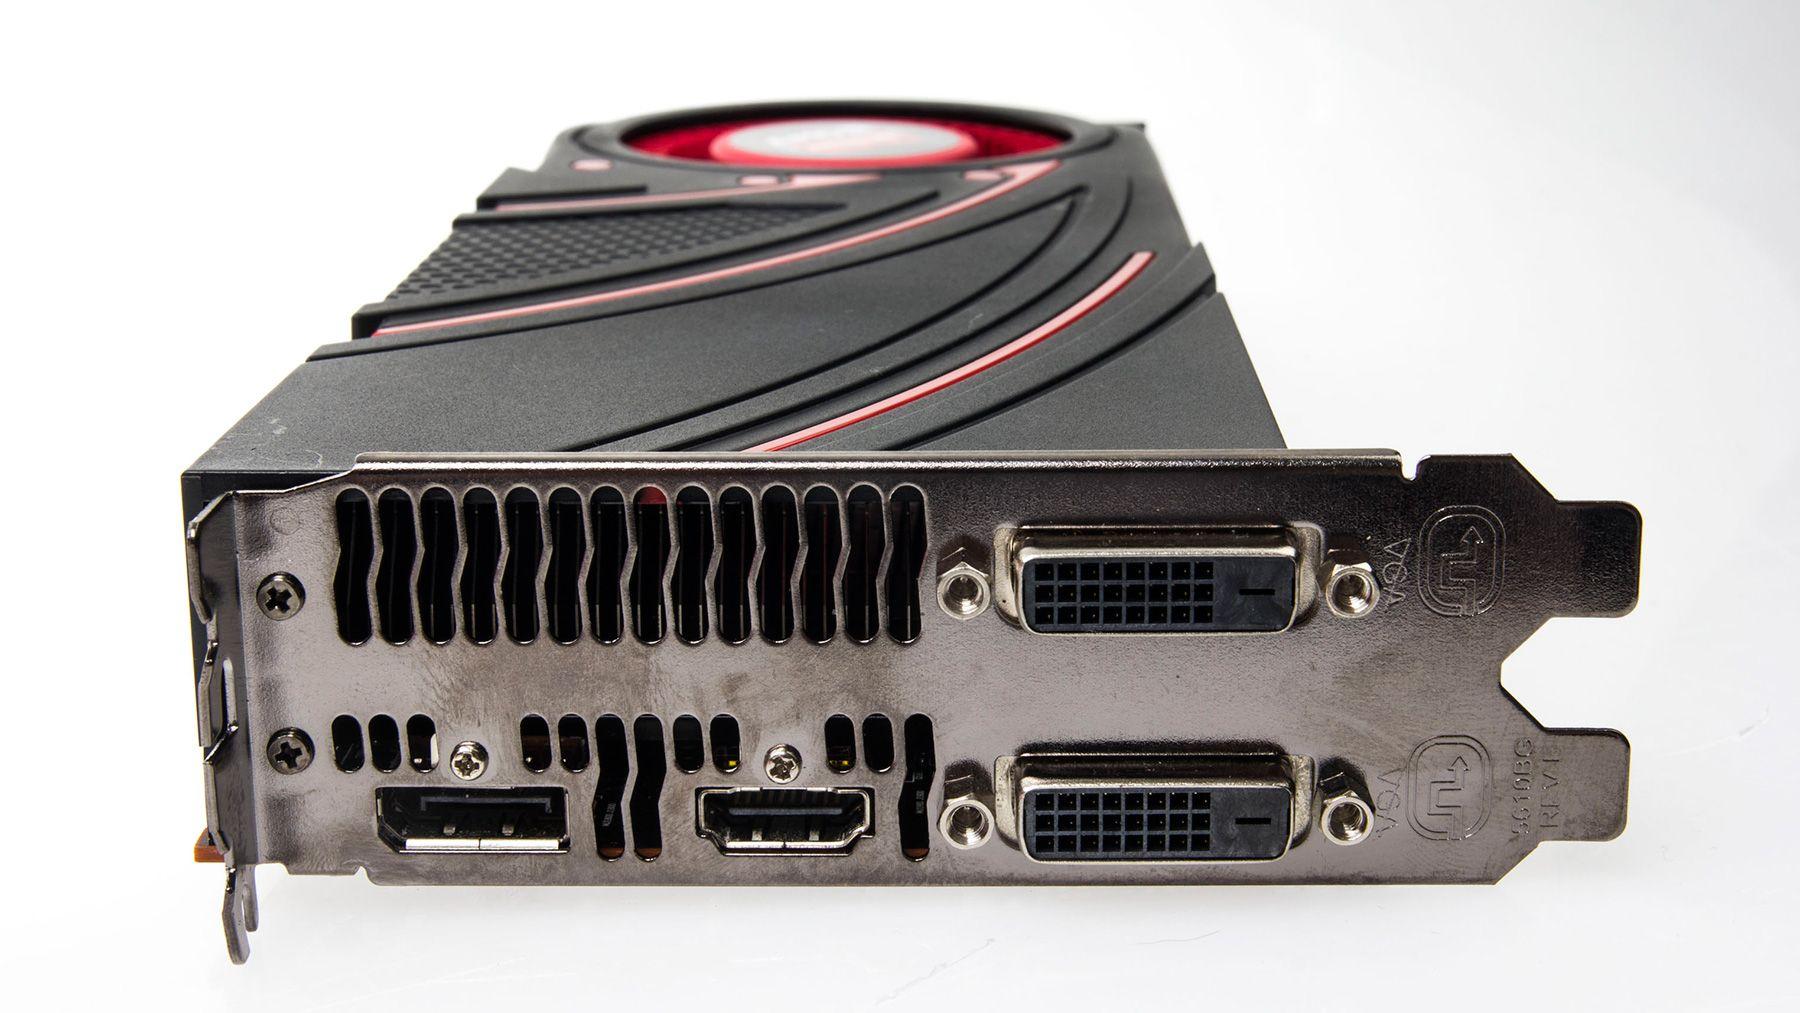 DVI-utganger, DisplayPort og HDMI er fast takst, men nå forsvinner støtten for VGA-kontakten.Foto: Varg Aamo, Hardware.no